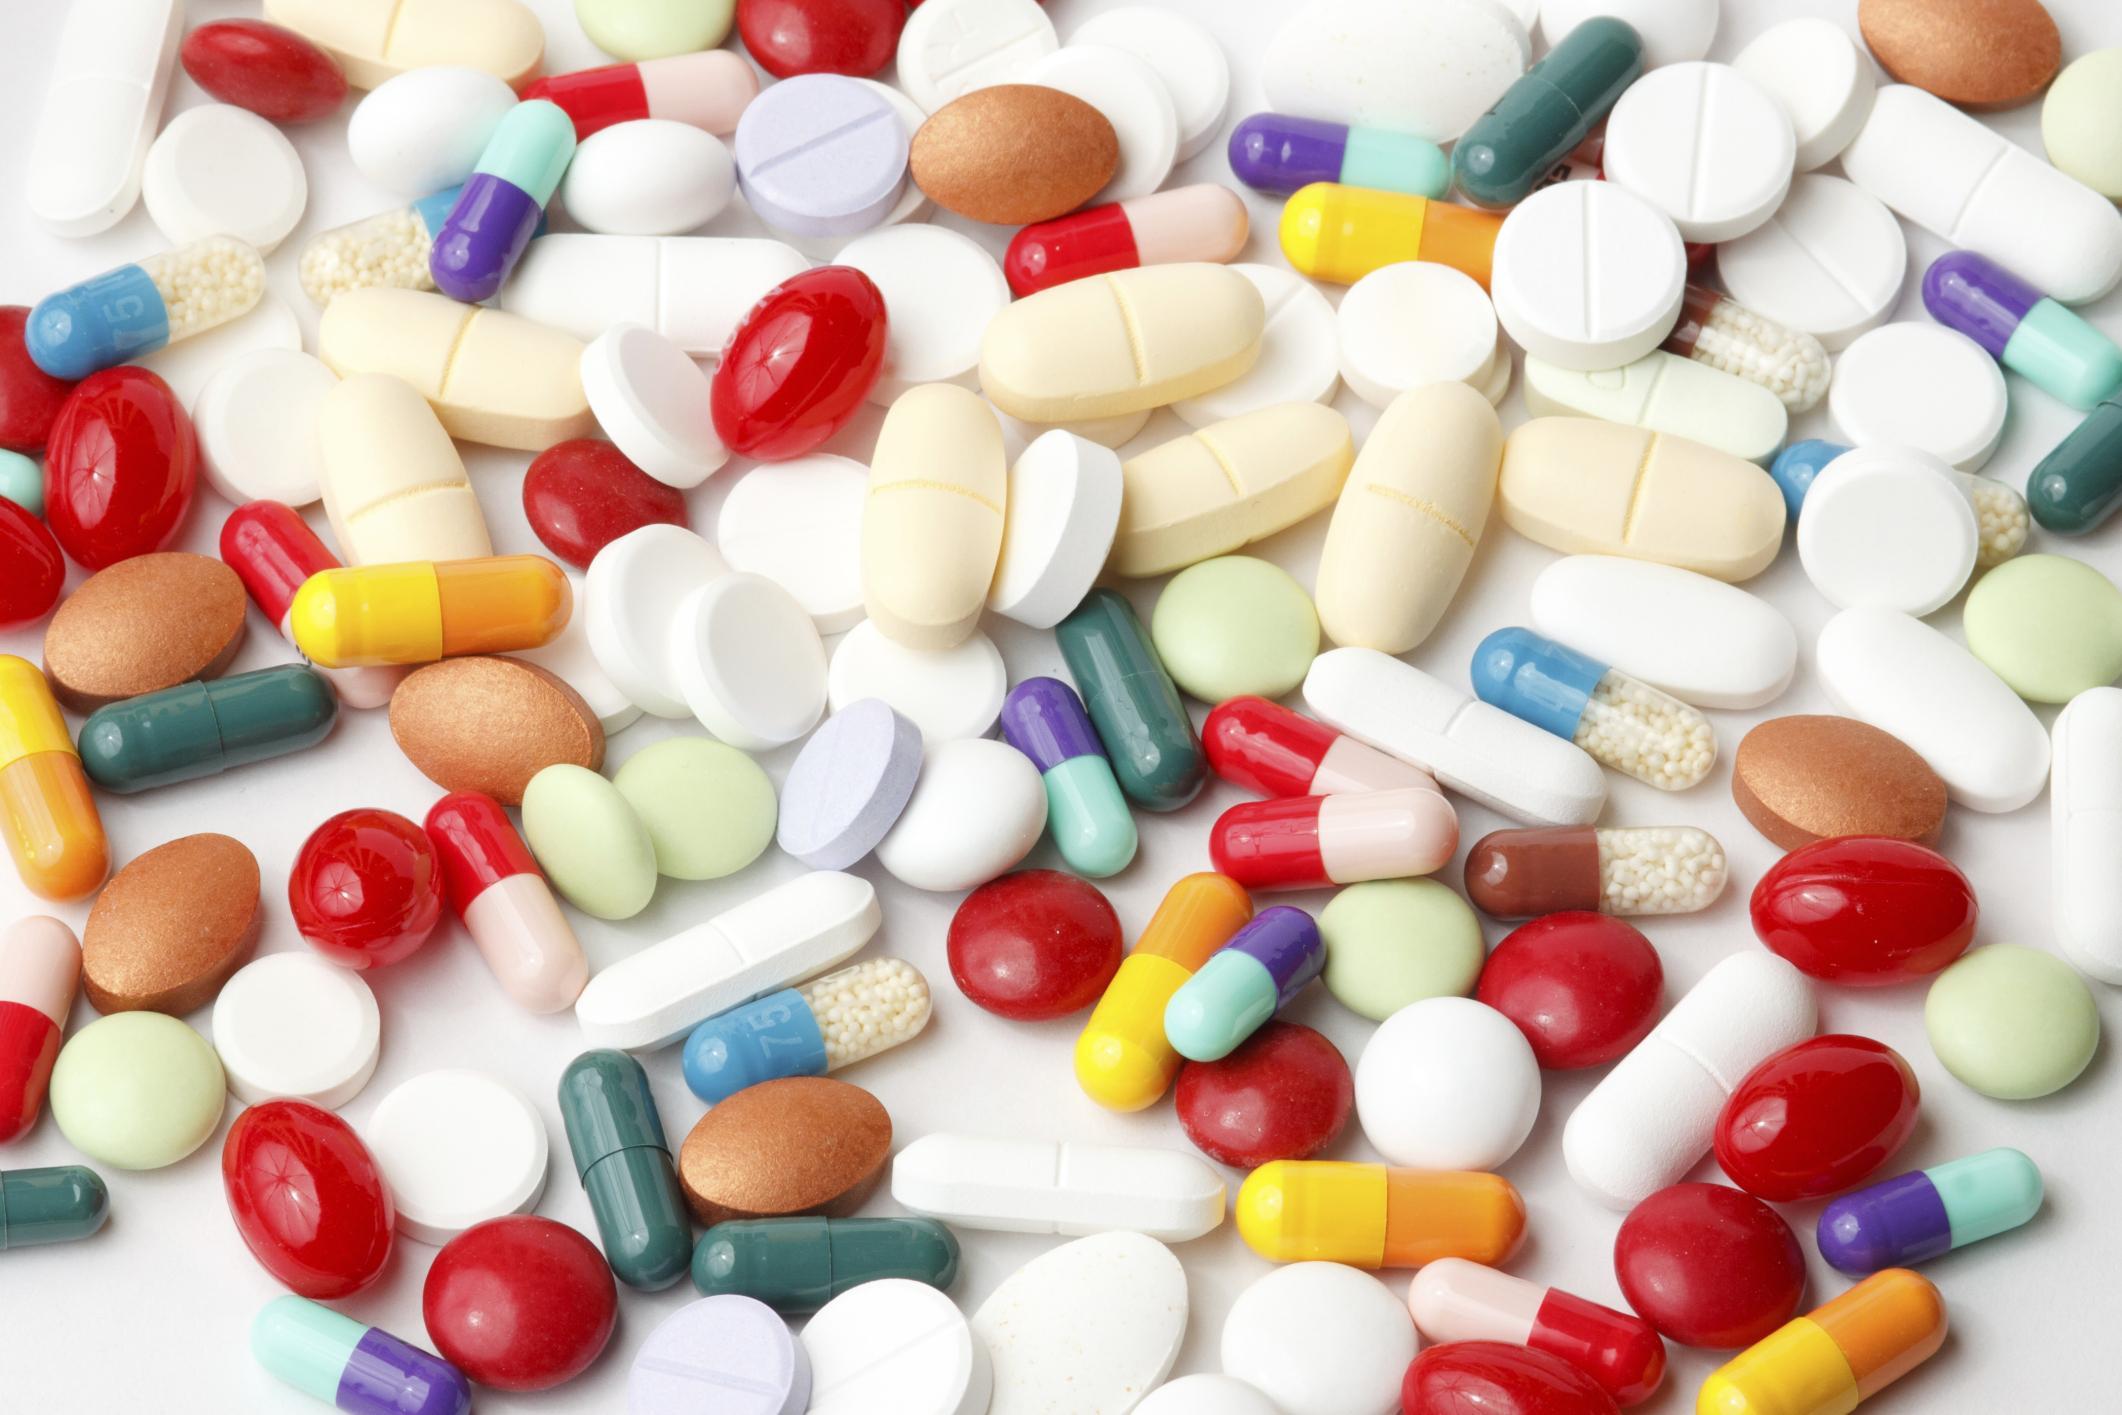 Suplementos Vitamínicos: Os Perigos Escondidos Nas Vitaminas E Suplementos Nutricionais